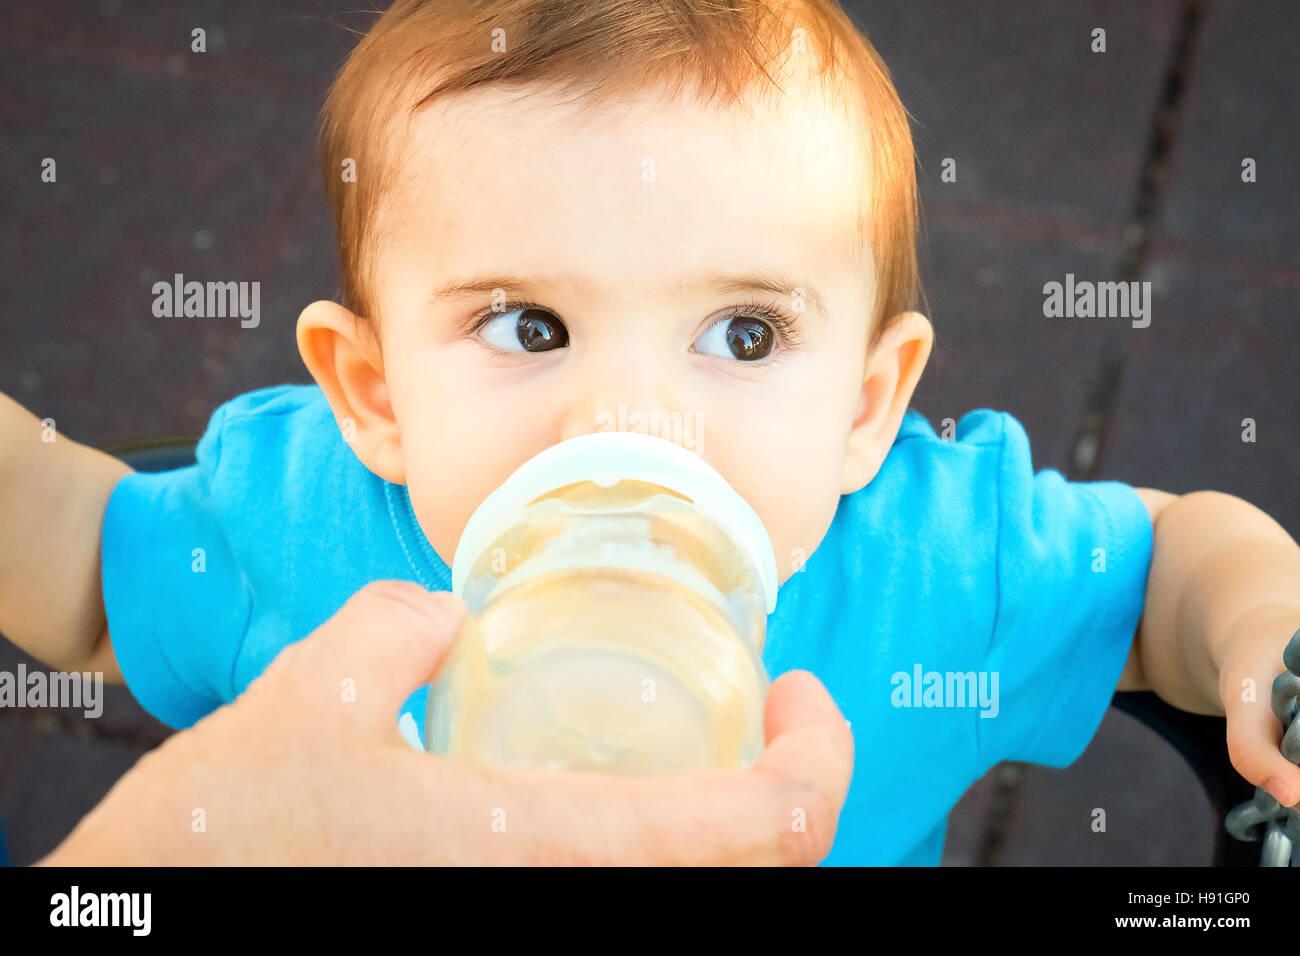 give feeding bottle newborn baby - Stock Image